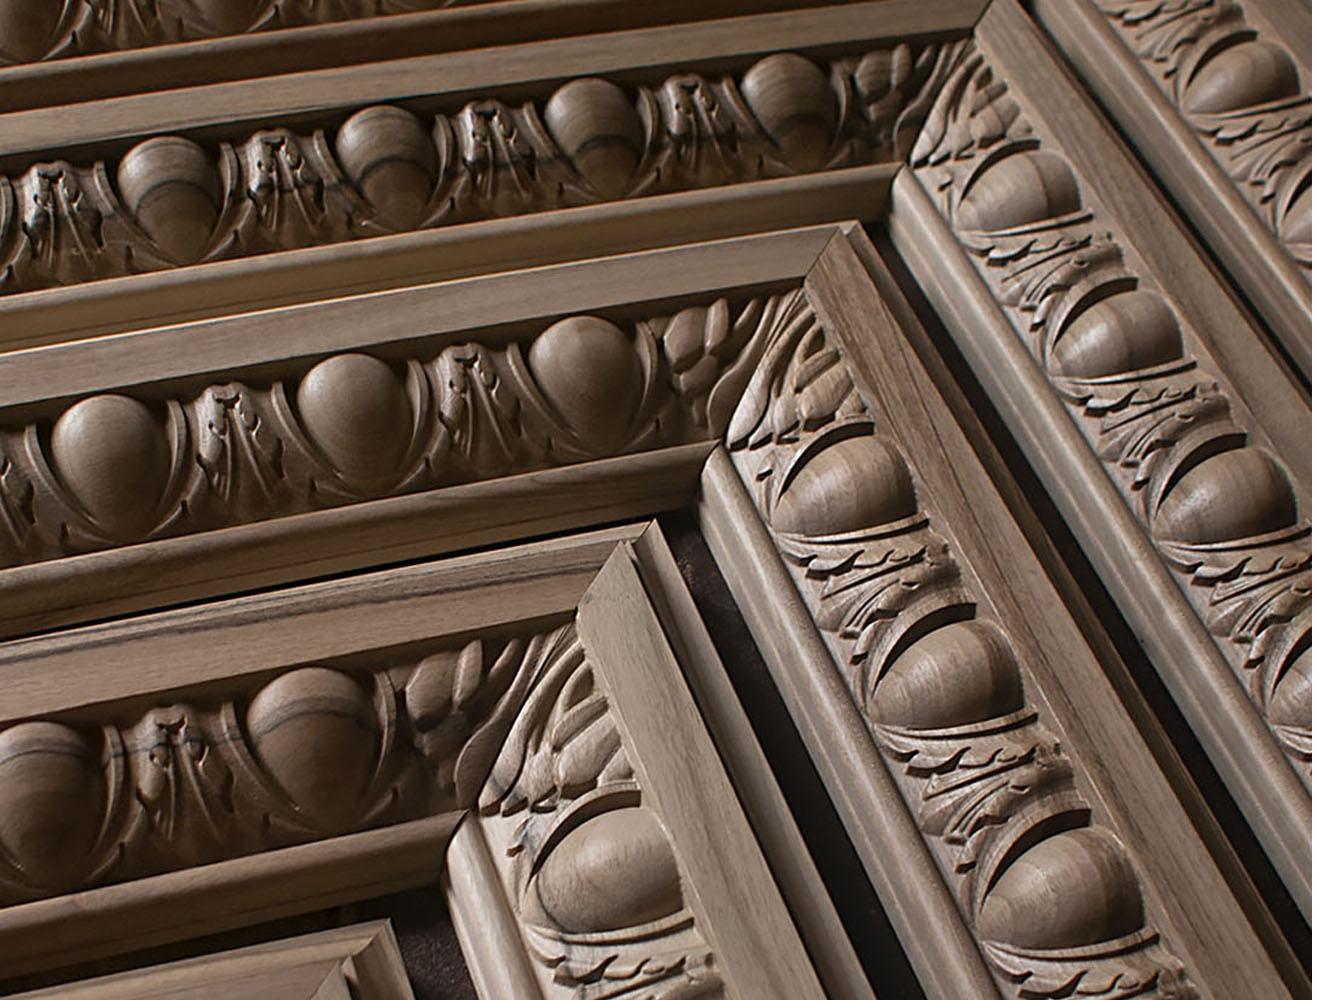 chapiteaux en bois sculpt s moulures sculpt es colonnes. Black Bedroom Furniture Sets. Home Design Ideas